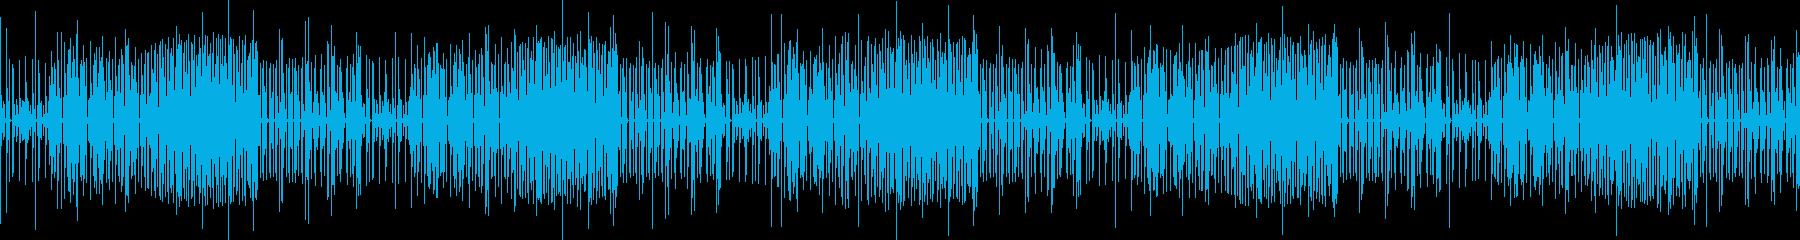 シンセサイザーによる幻想的なBGMの再生済みの波形